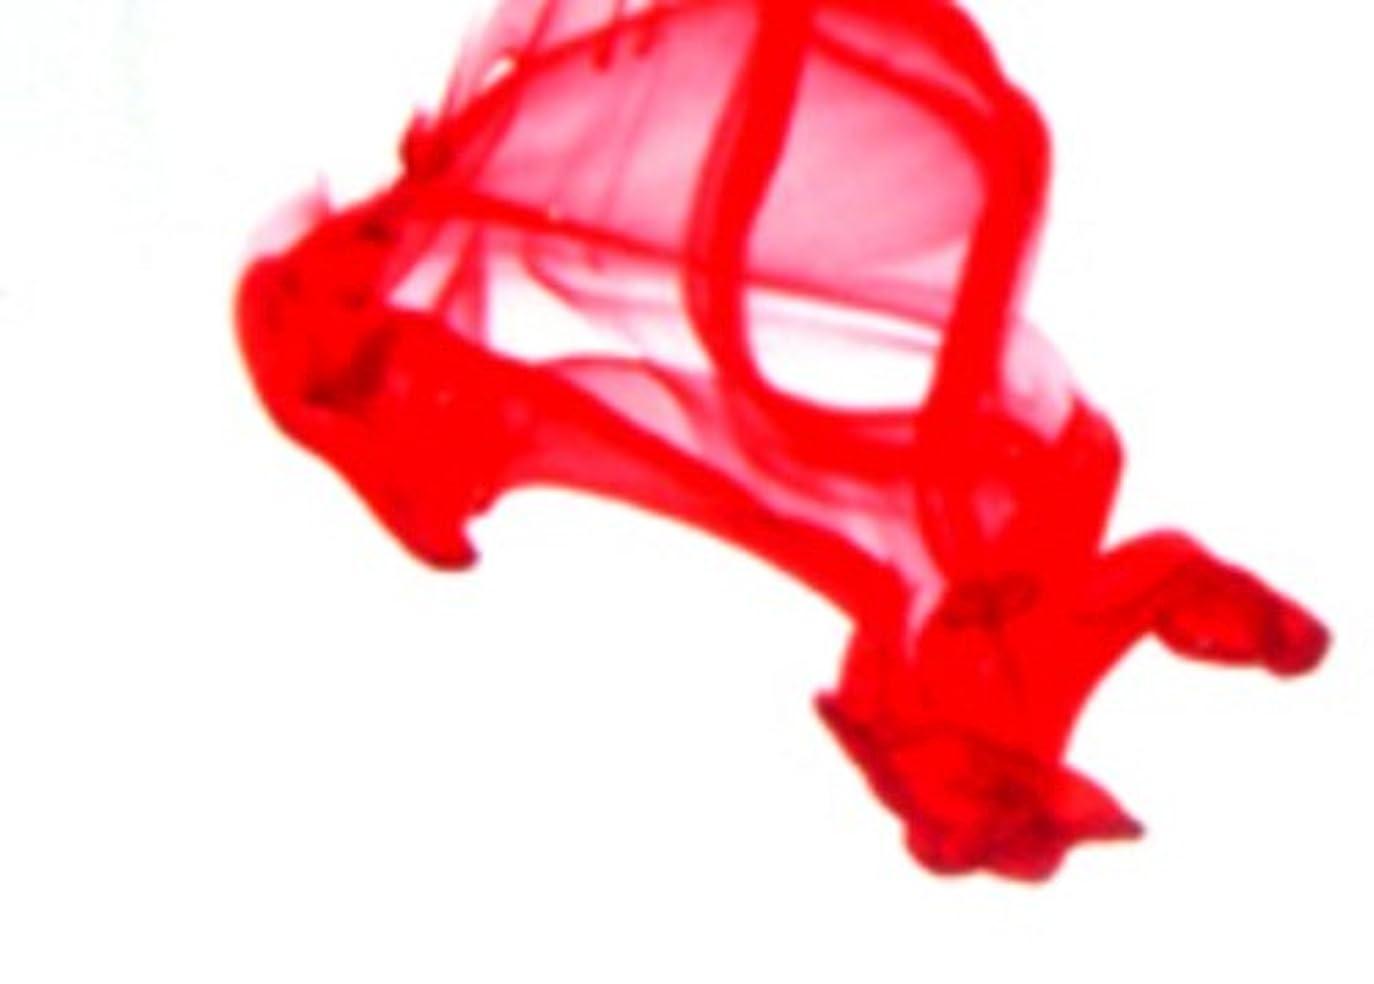 モーテル狂うホバートRed Soap Dye 10ml - Highly Concentrated